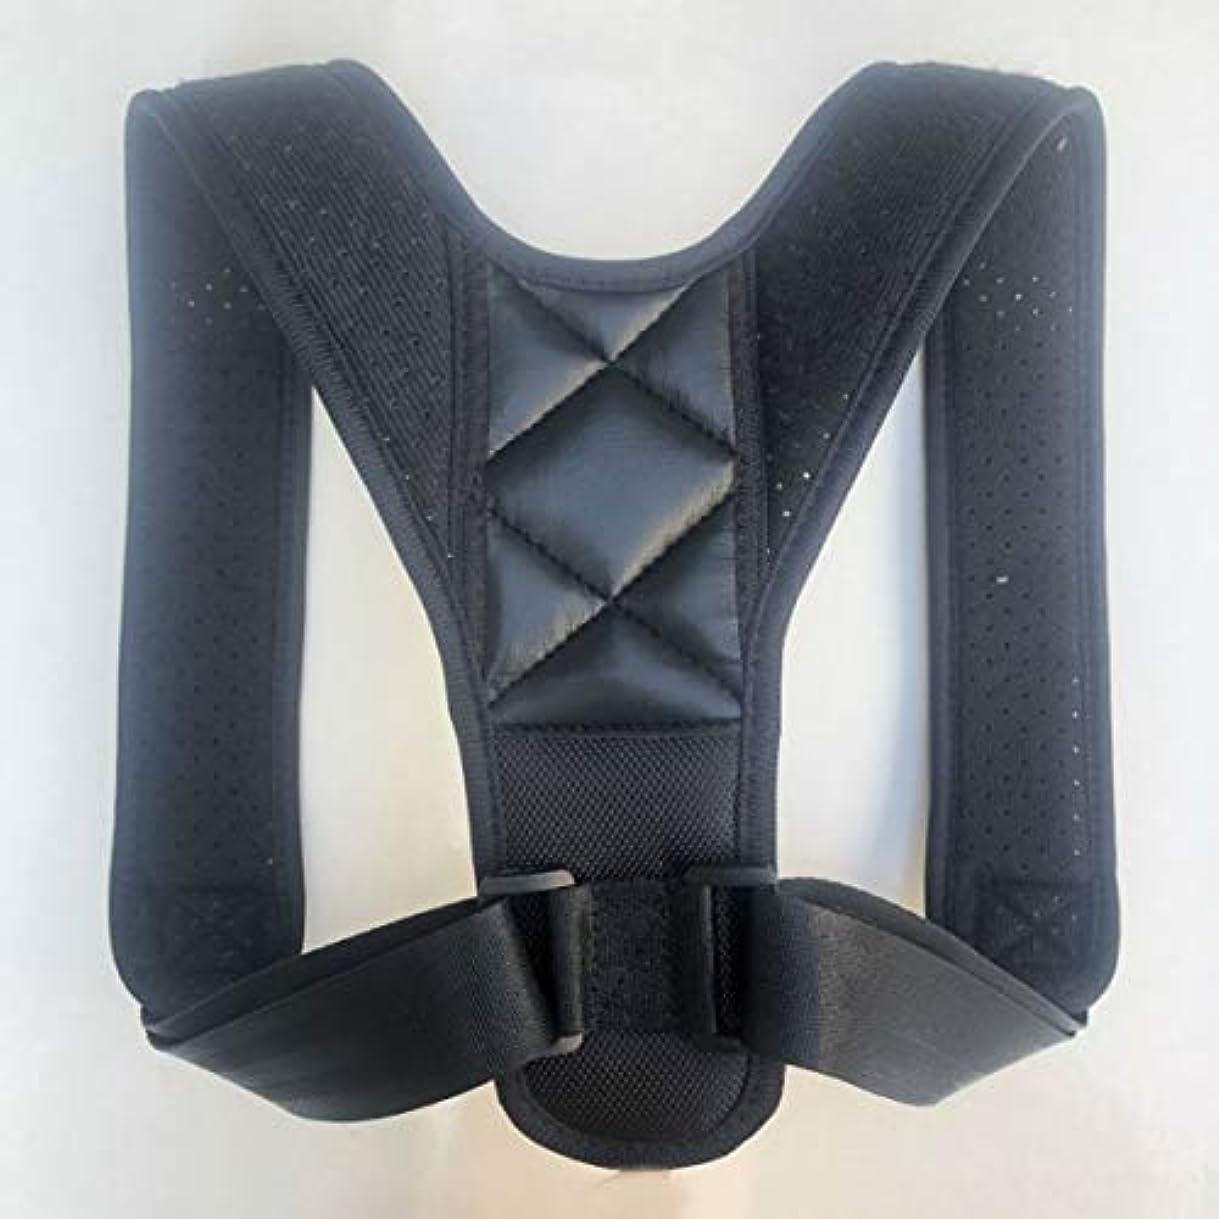 科学的動揺させるホストアッパーバックポスチャーコレクター姿勢鎖骨サポートコレクターバックストレートショルダーブレースストラップコレクター - ブラック